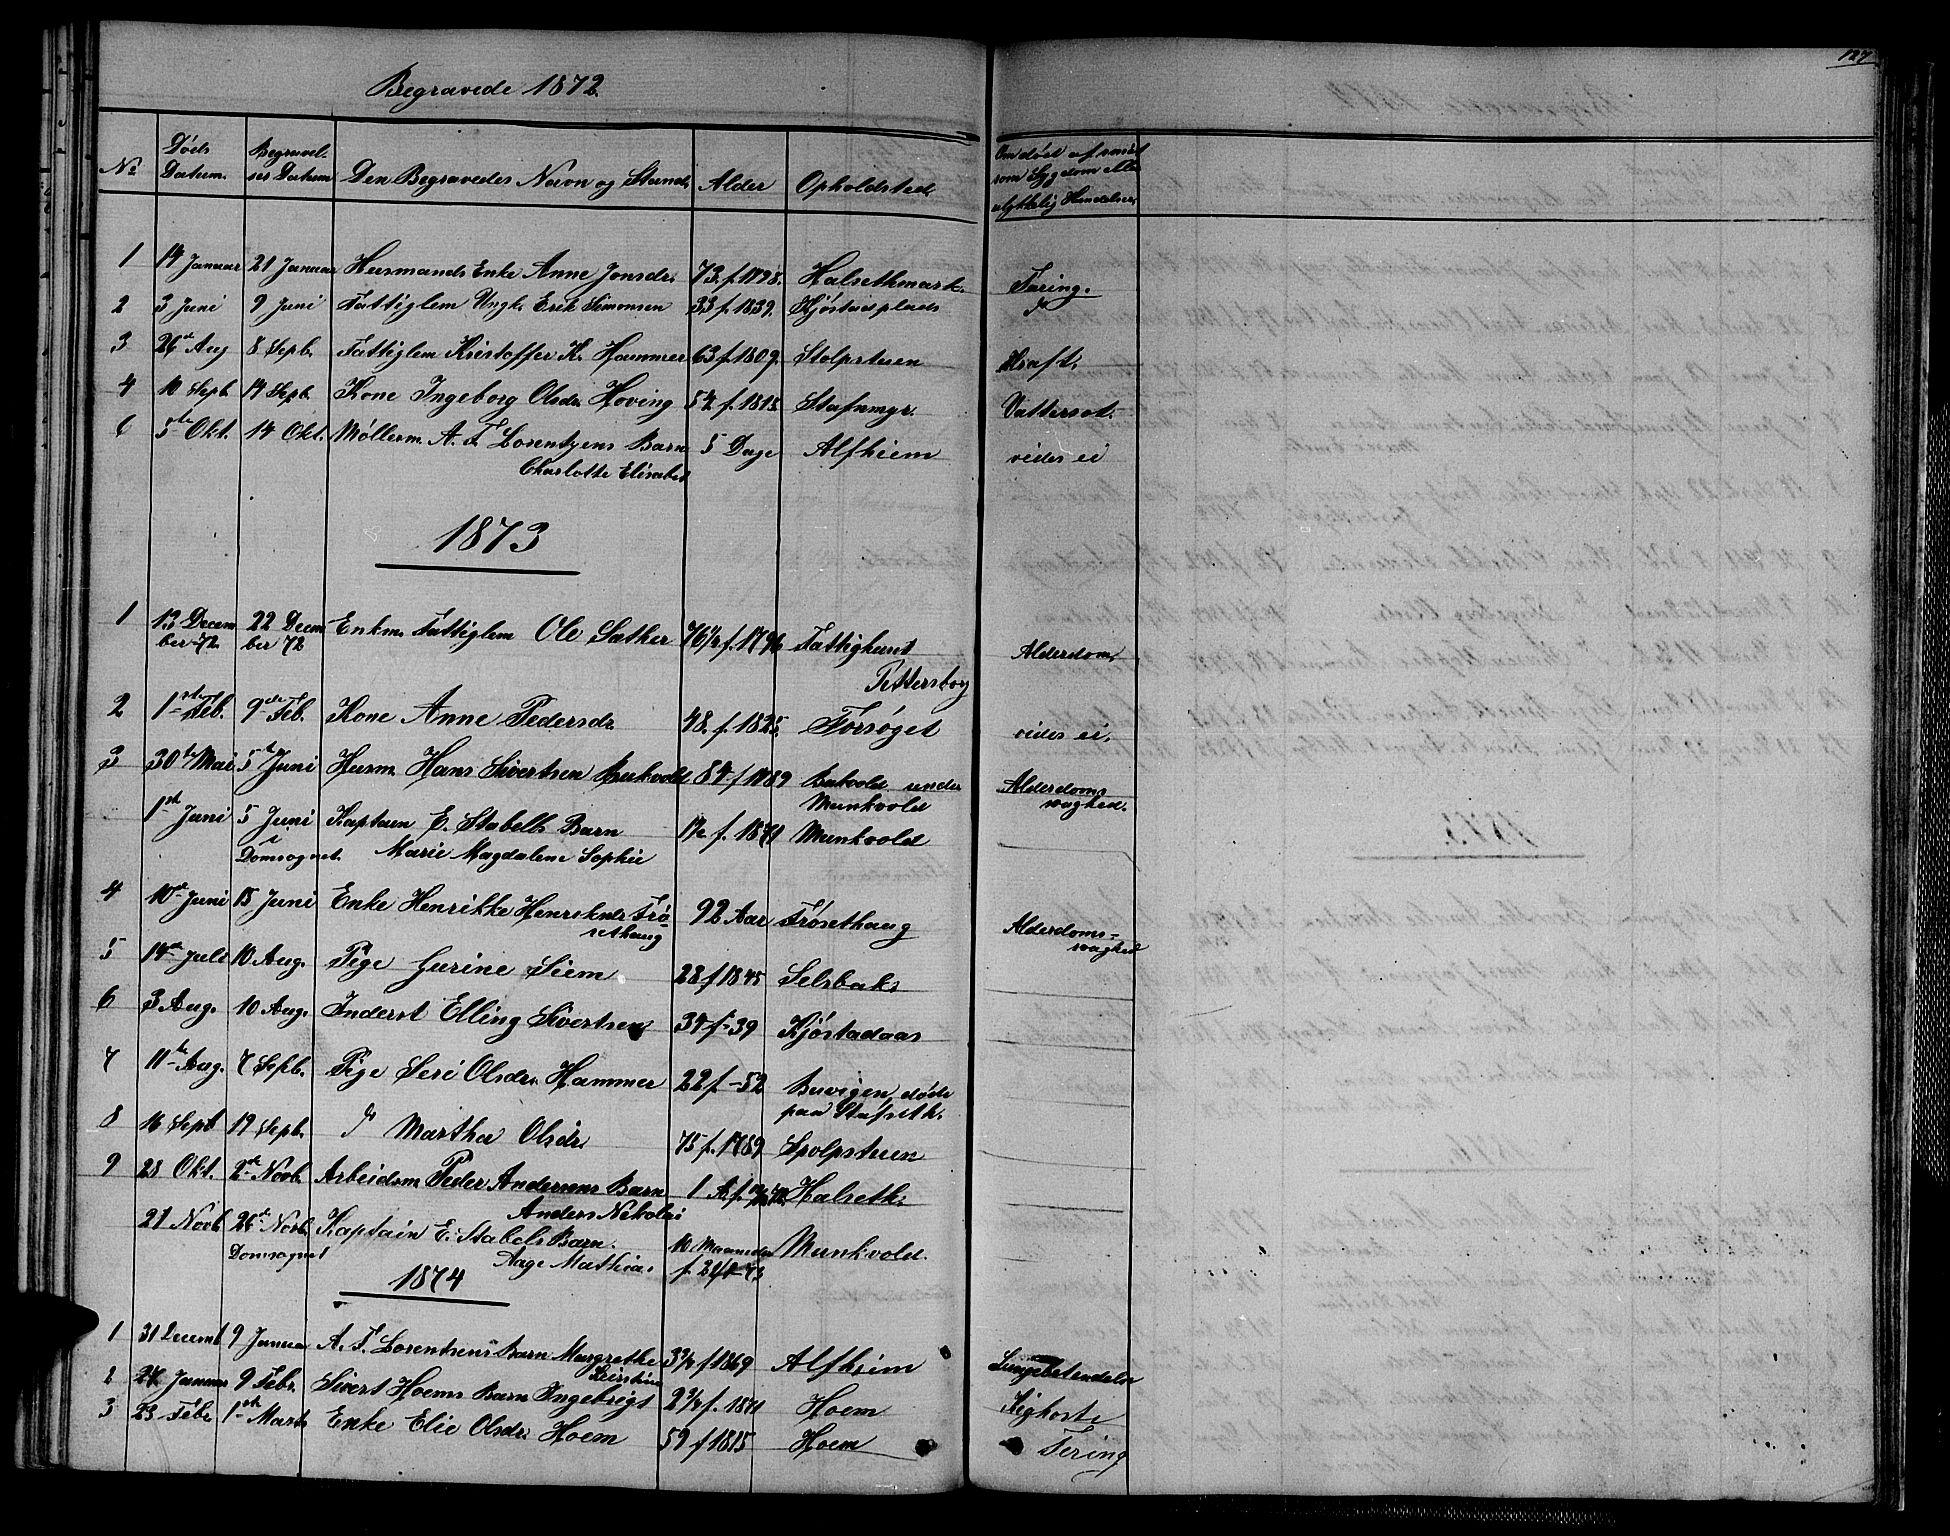 SAT, Ministerialprotokoller, klokkerbøker og fødselsregistre - Sør-Trøndelag, 611/L0353: Klokkerbok nr. 611C01, 1854-1881, s. 127